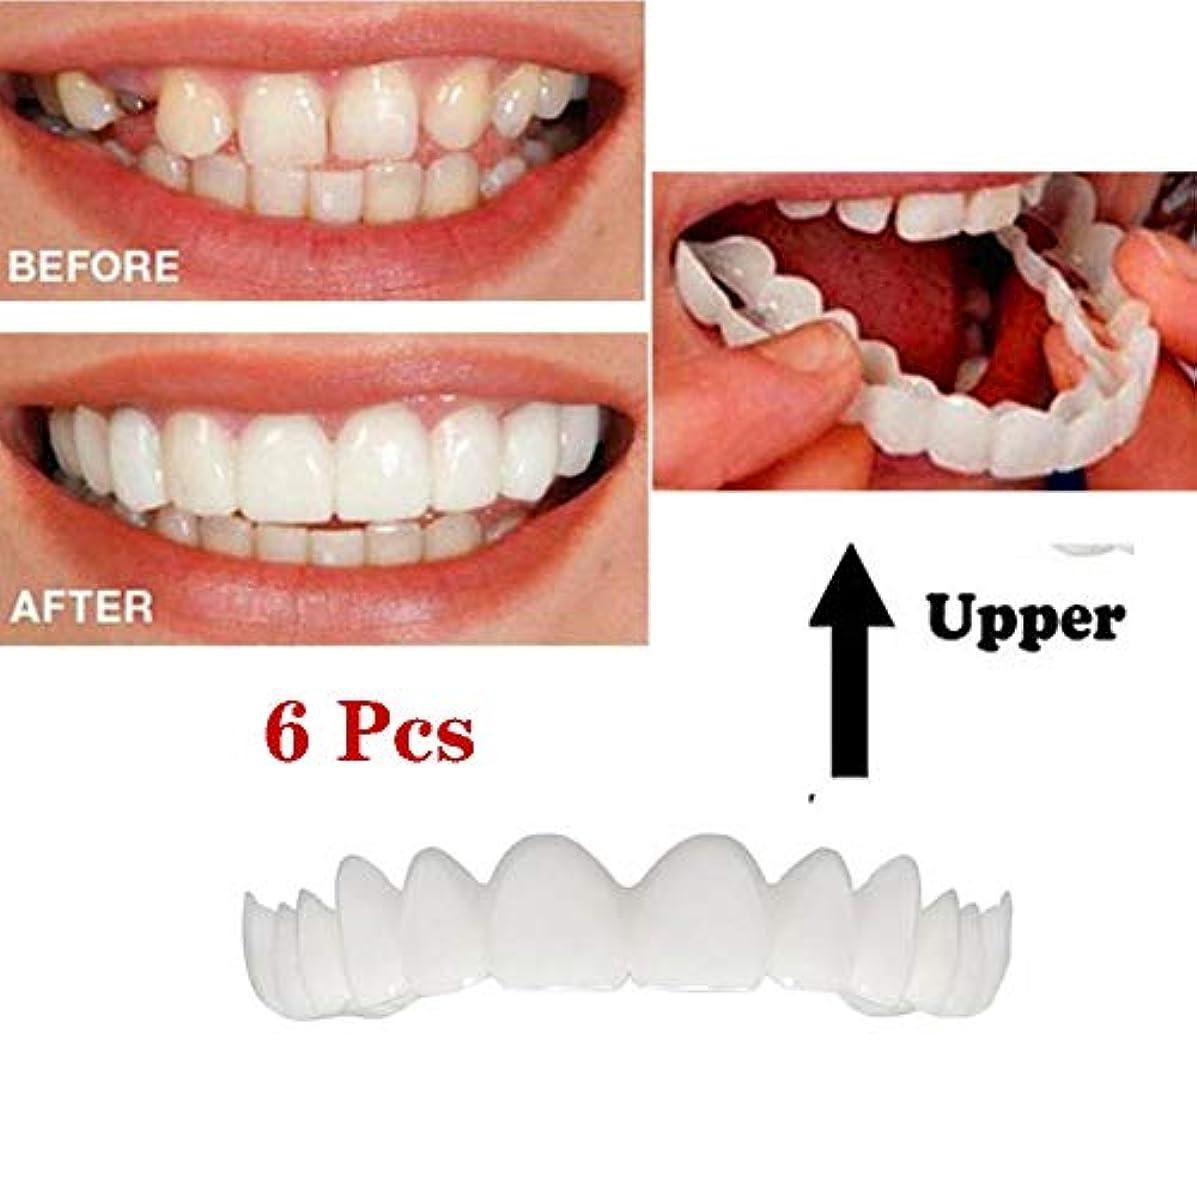 差別化するリースキャッシュ義歯口腔ケア歯ホワイトニング義歯口腔ケアアッパーブレース一時的な化粧品歯義歯 - 6本